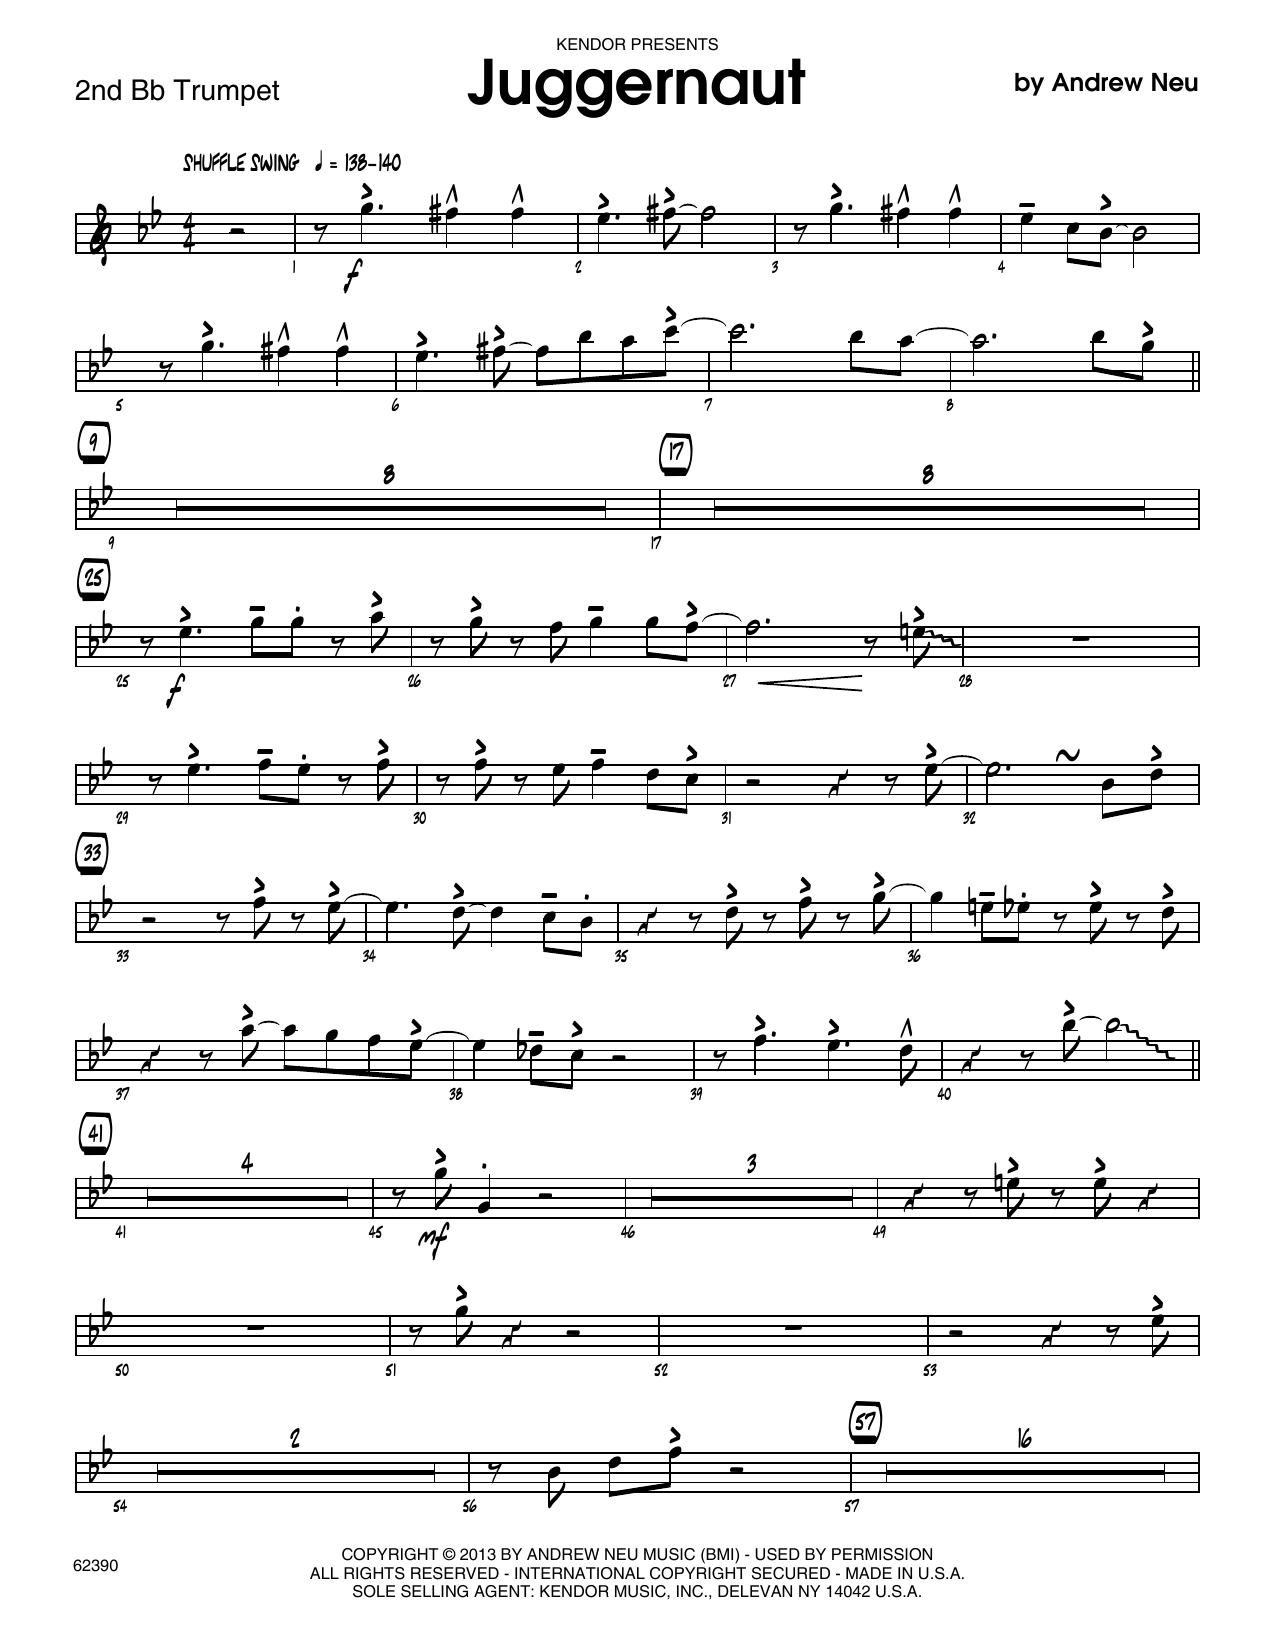 Juggernaut - 2nd Bb Trumpet Sheet Music